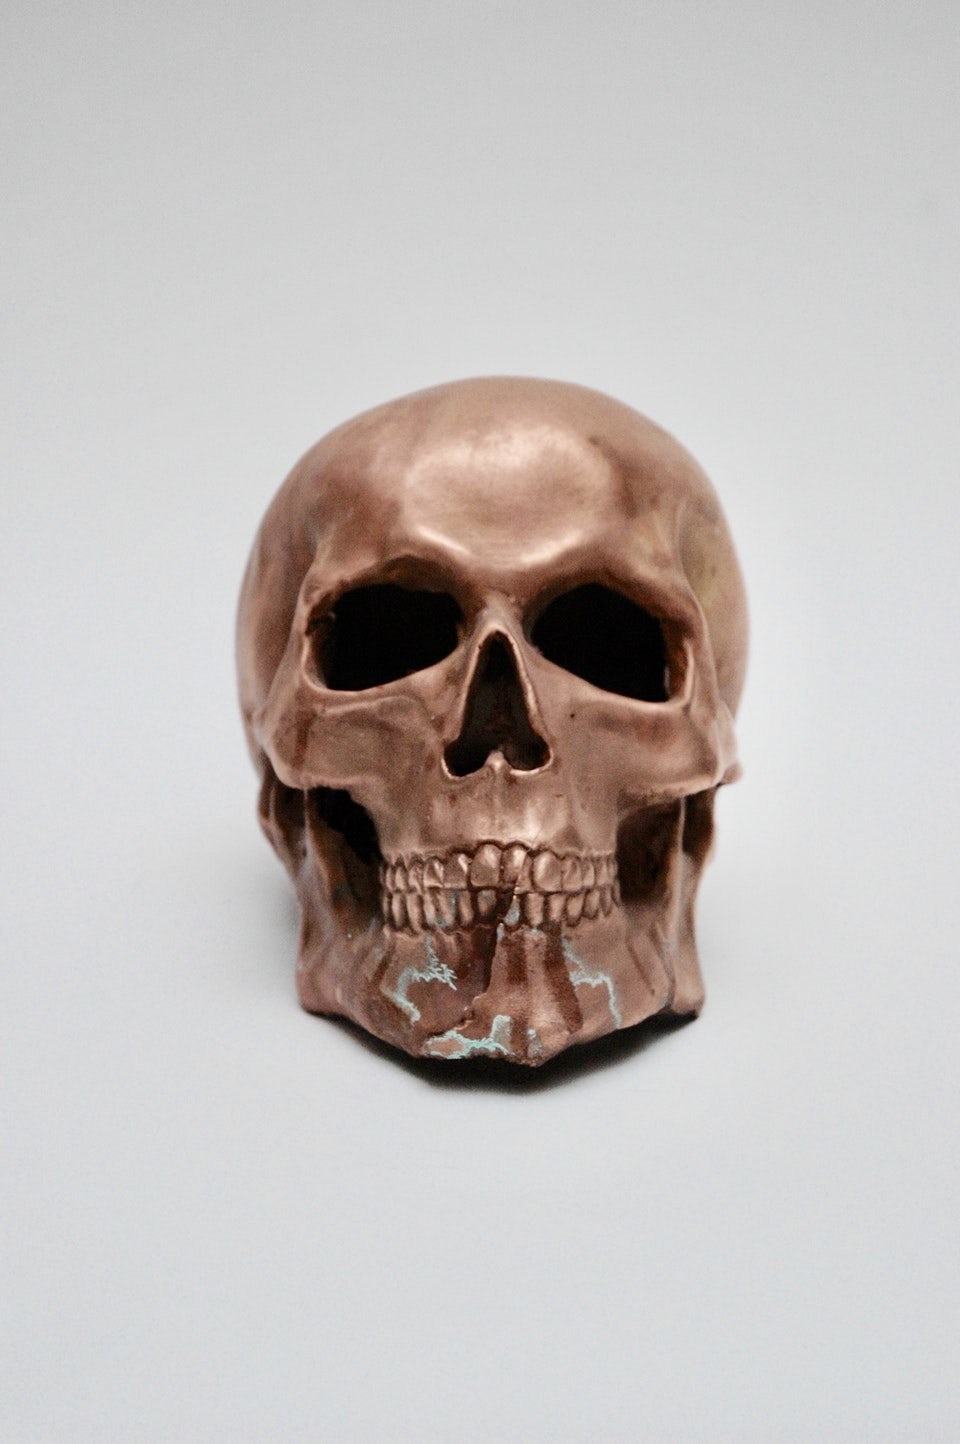 Copper Skull 4C47597C-BEC4-4138-A412-4635F0B641BC_1_201_a